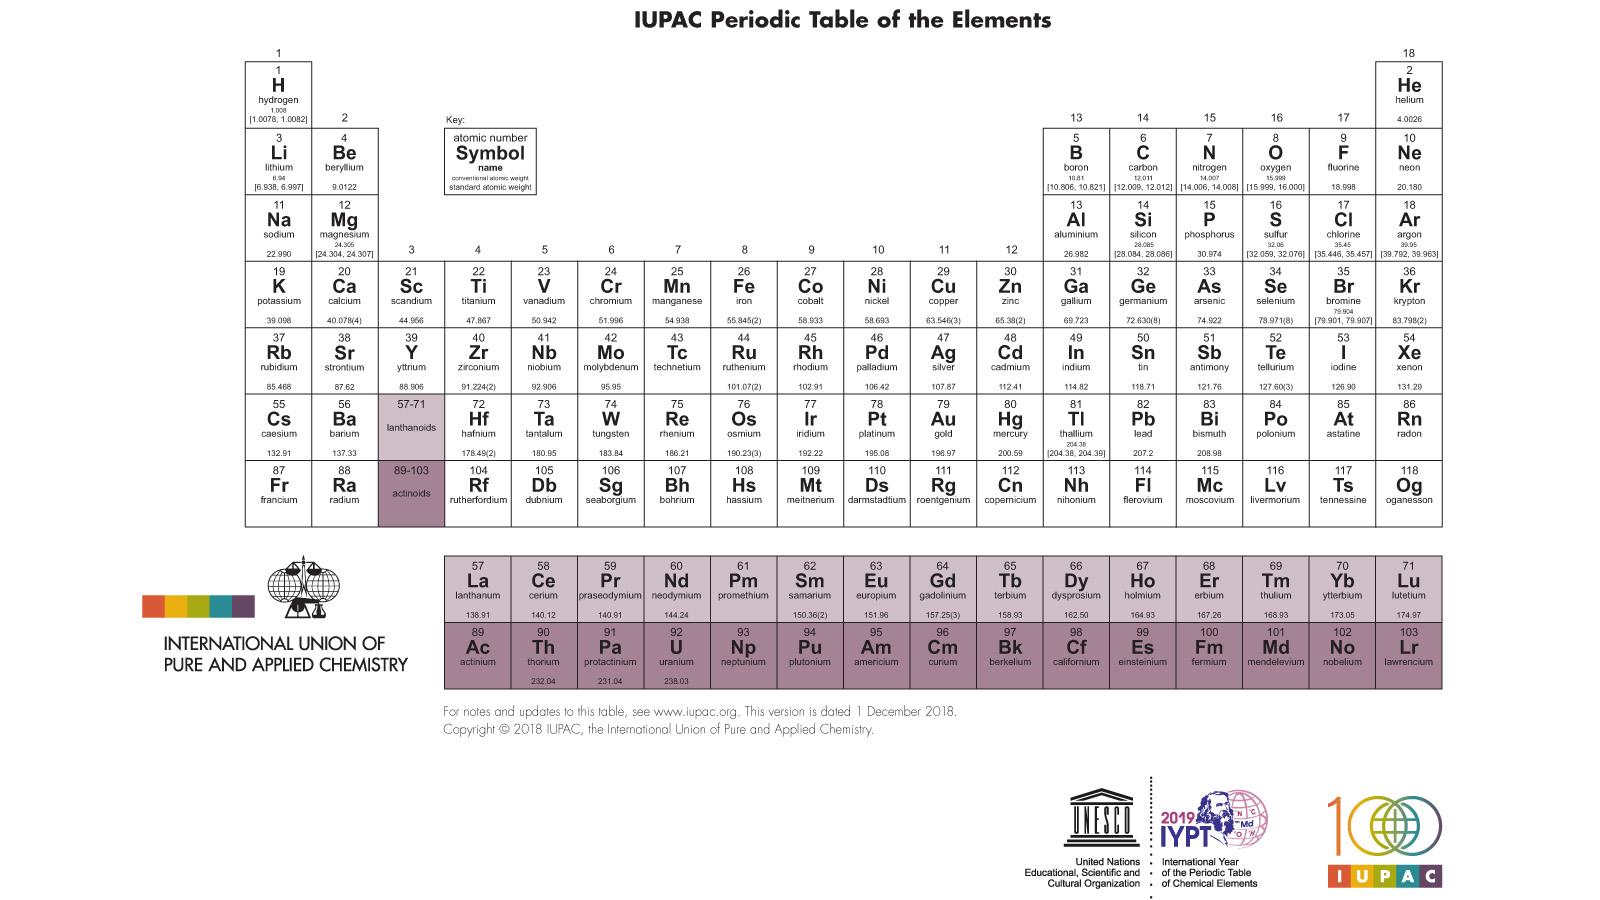 Le Celebre Tableau Periodique Des Elements Chimiques Fete Ses 150 Ans Rts Ch Sciences Tech